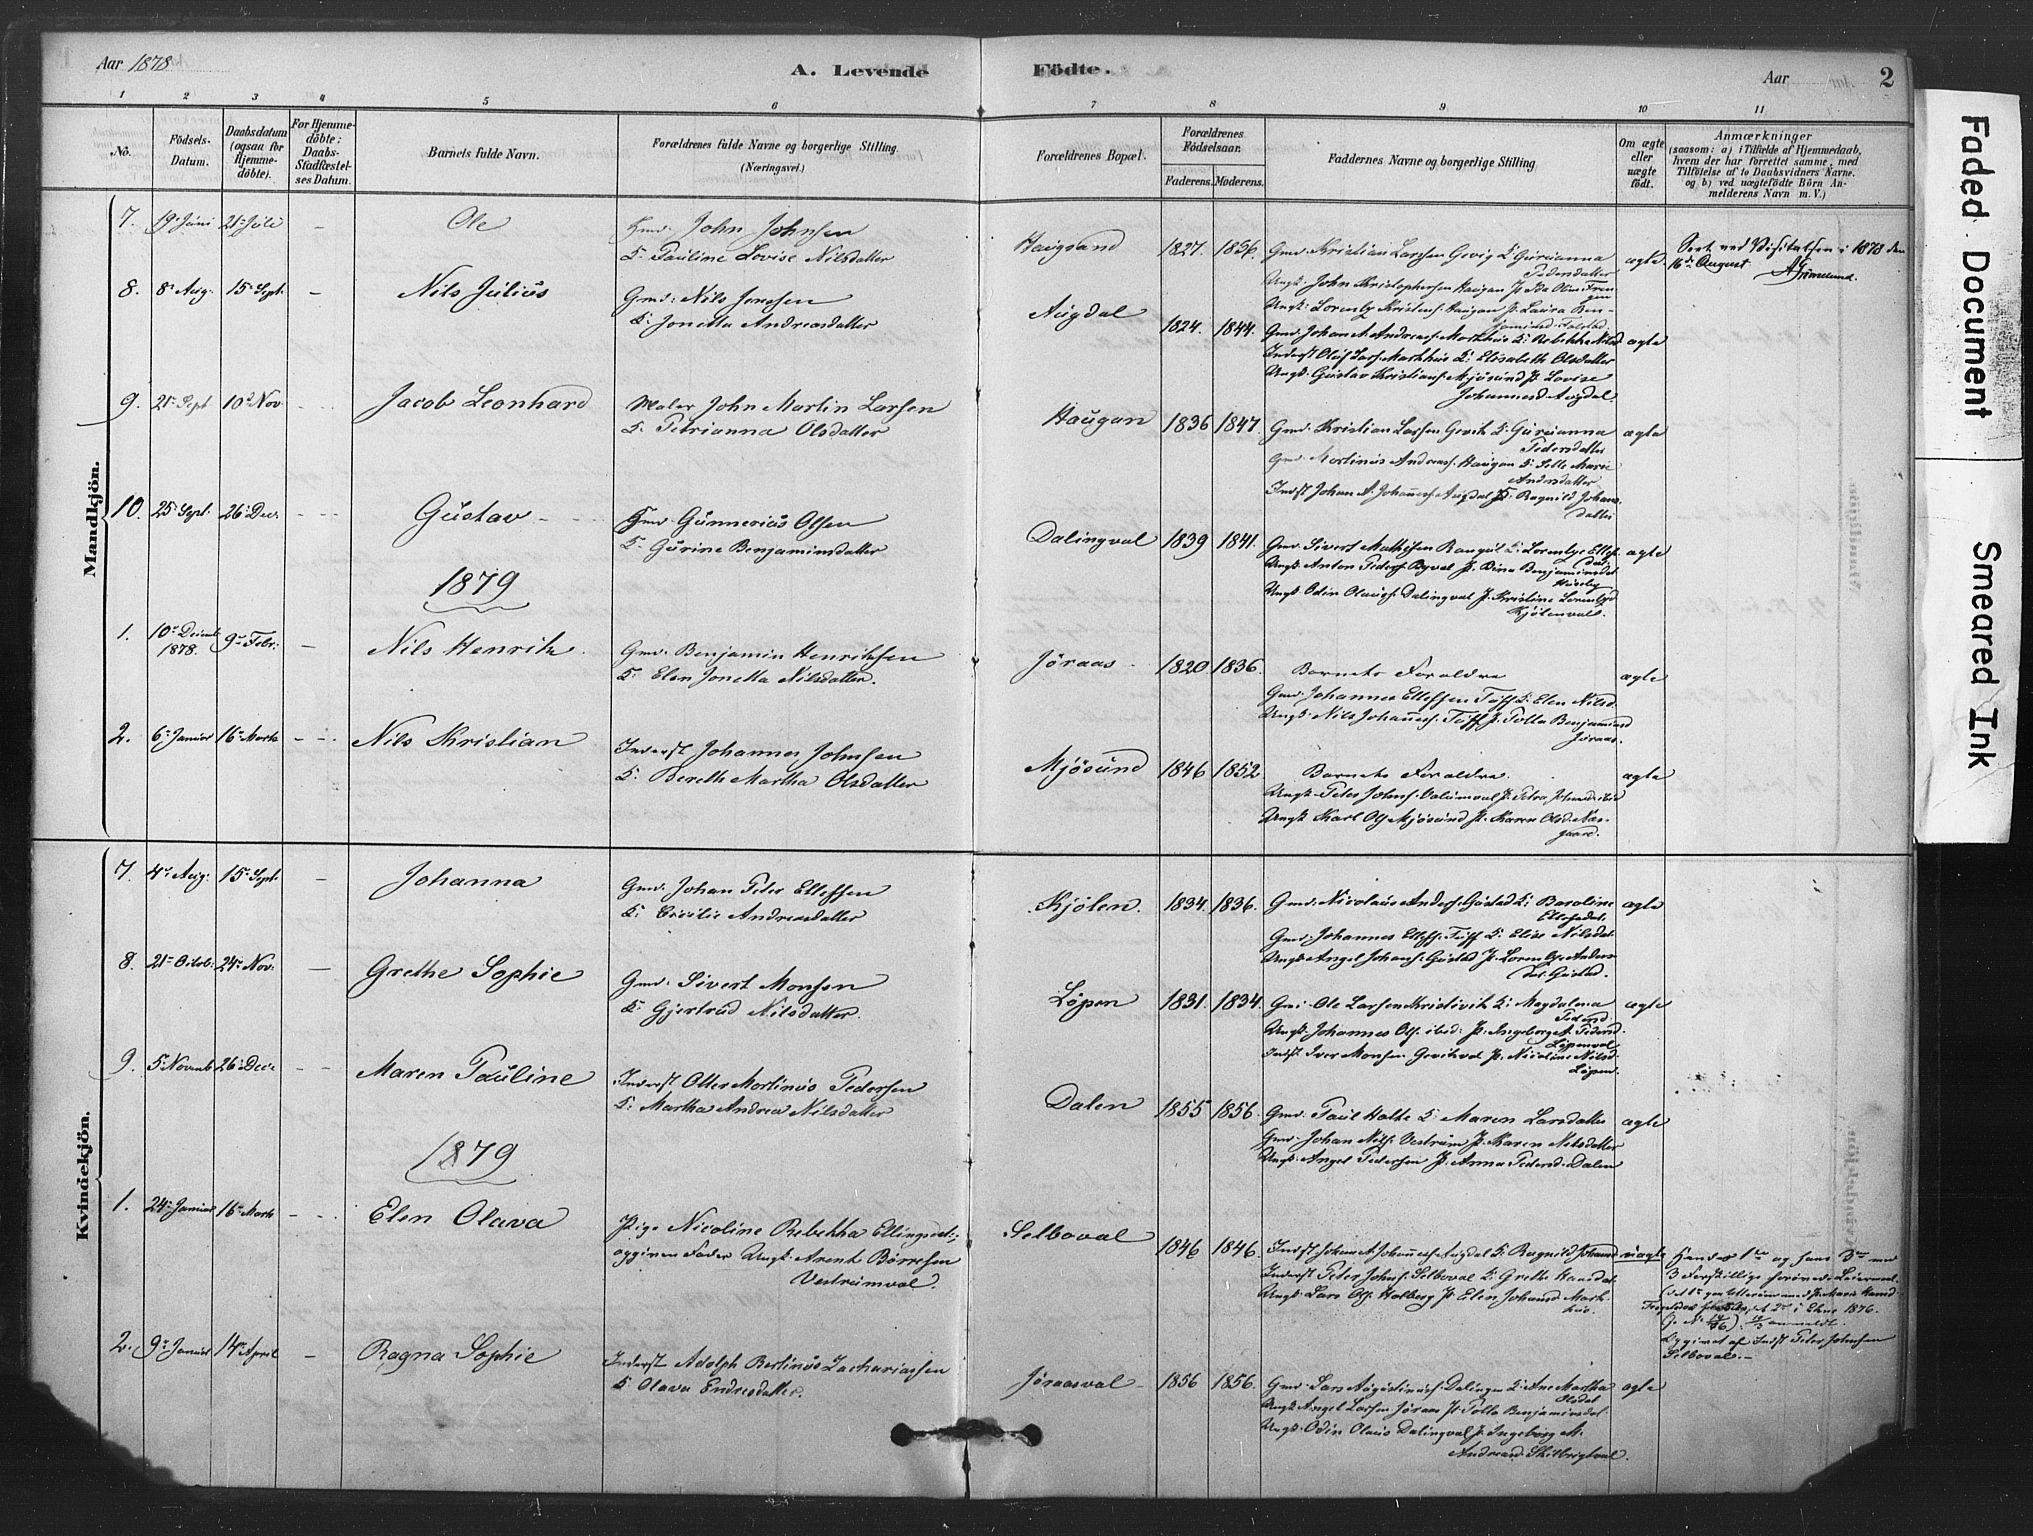 SAT, Ministerialprotokoller, klokkerbøker og fødselsregistre - Nord-Trøndelag, 719/L0178: Ministerialbok nr. 719A01, 1878-1900, s. 2